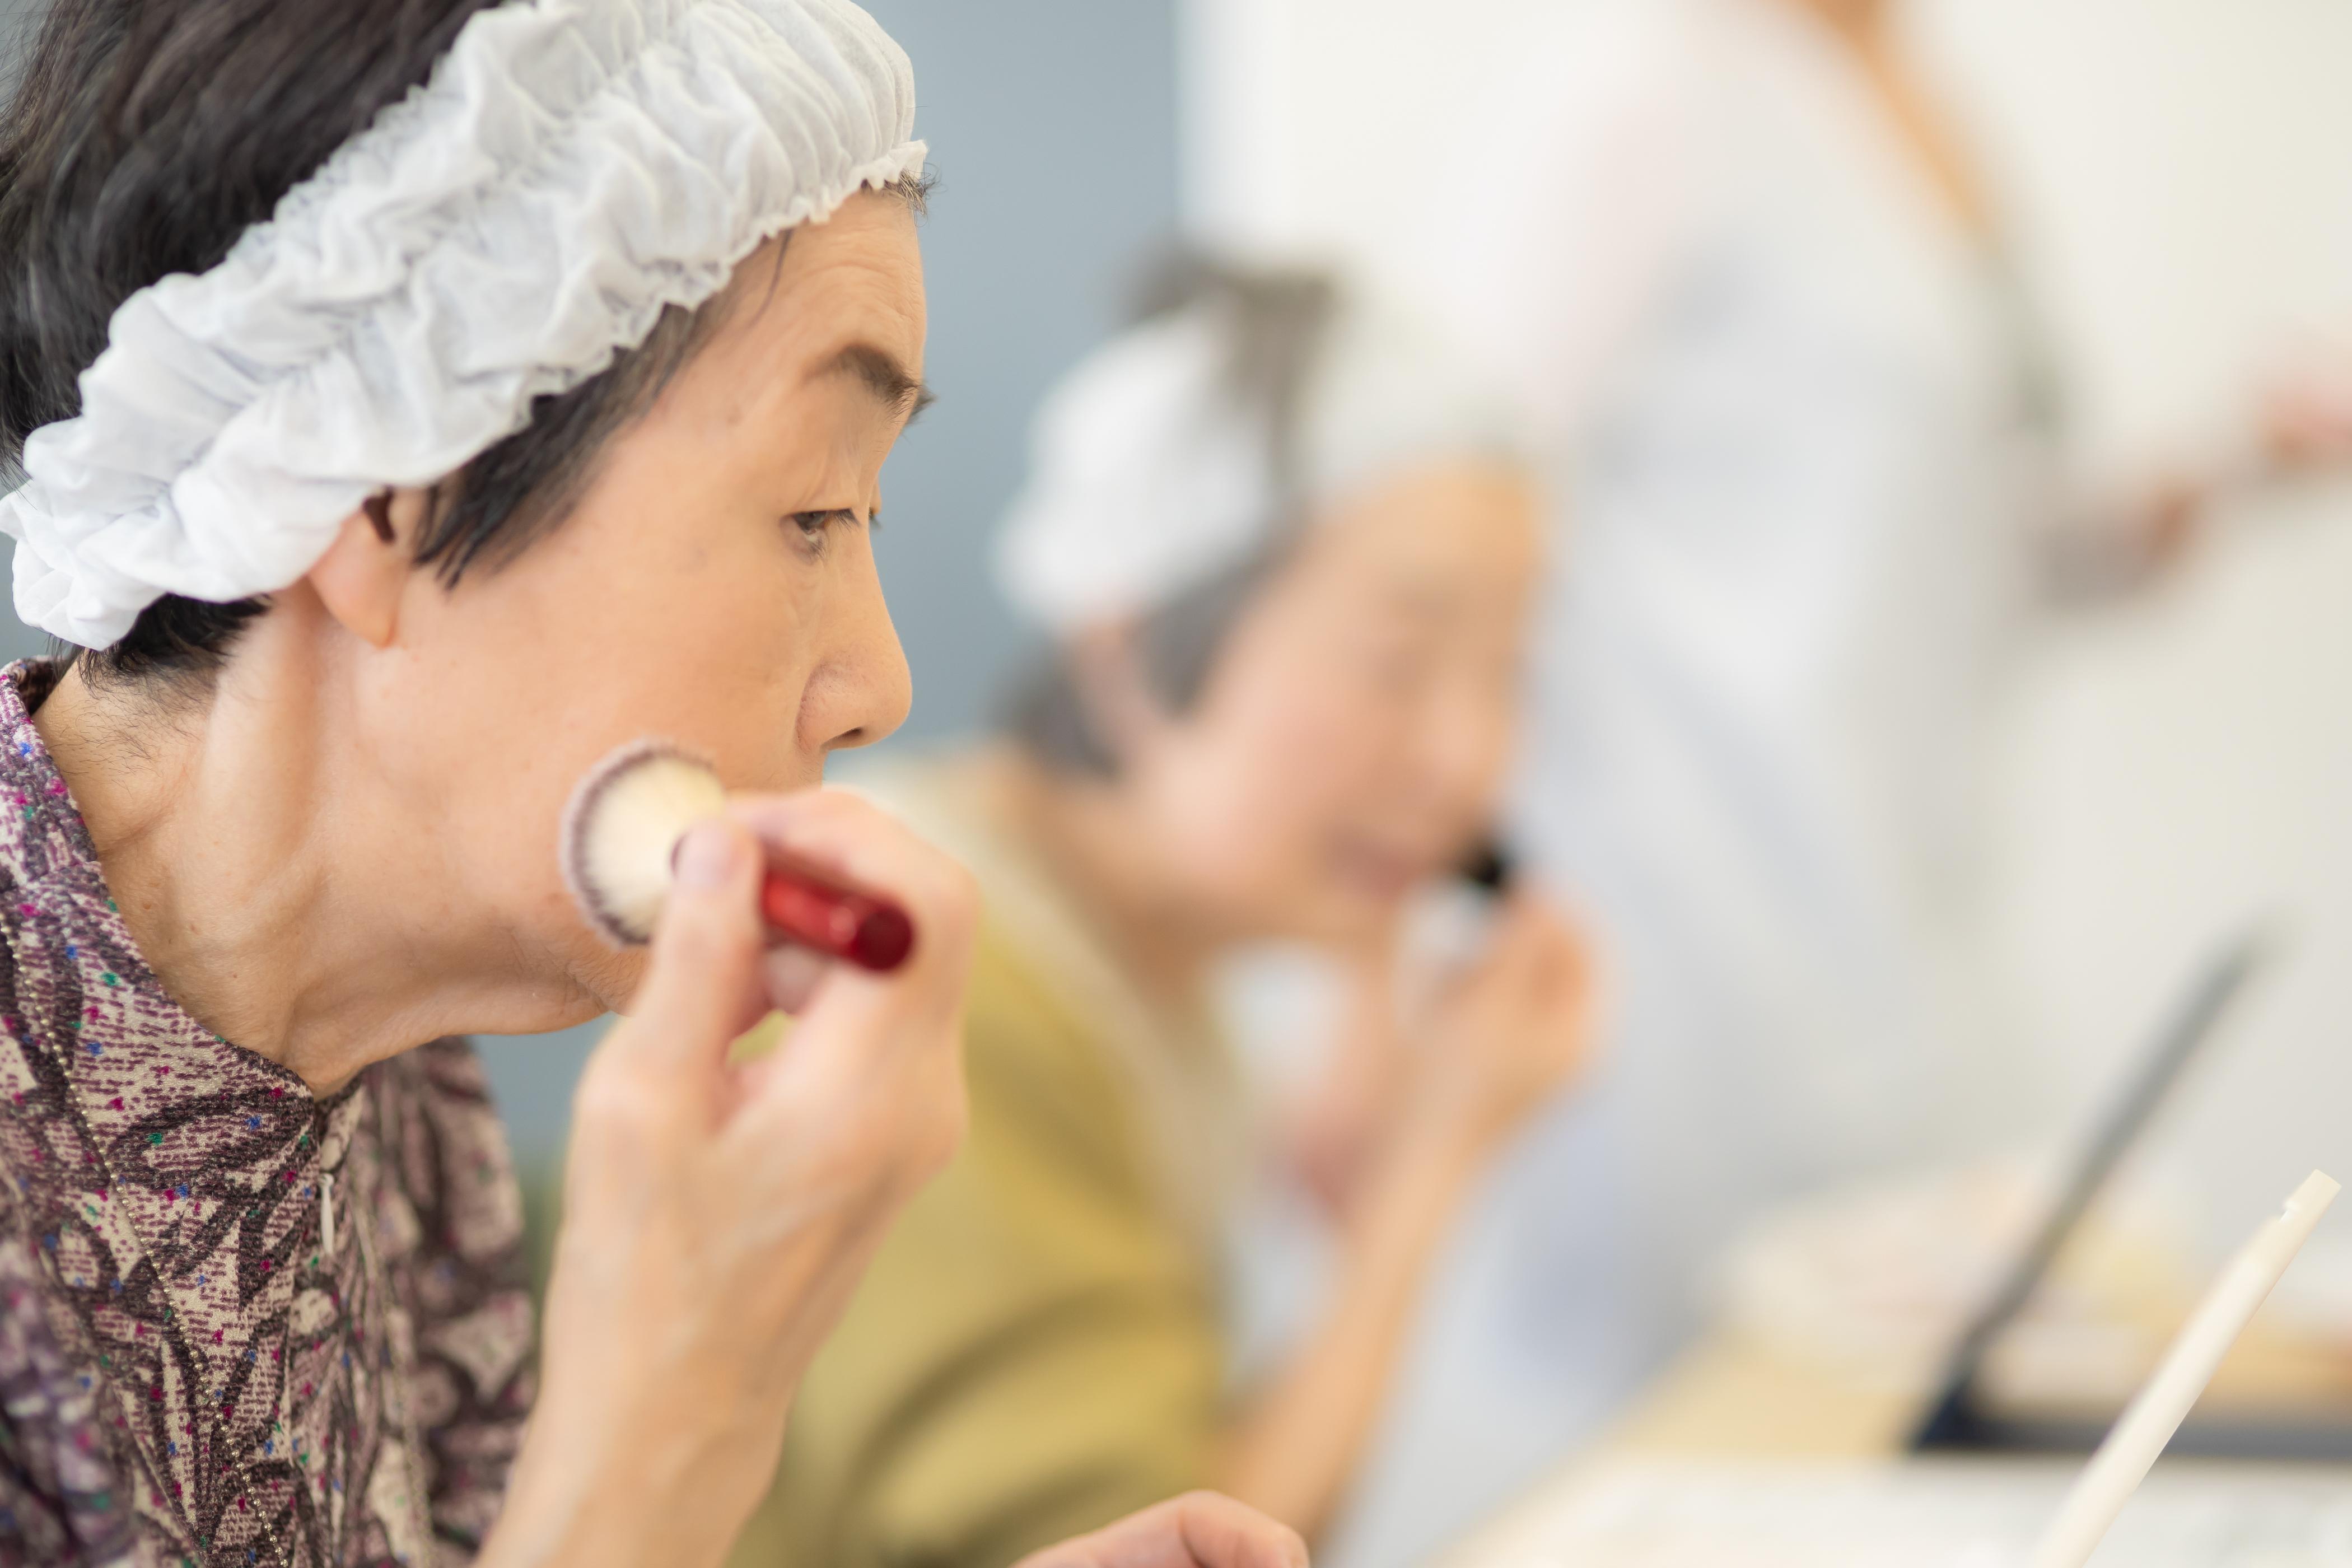 介護予防教室でお化粧セラピー体験する60歳以上の高齢者の皆様 札幌市北区の鉄西会館